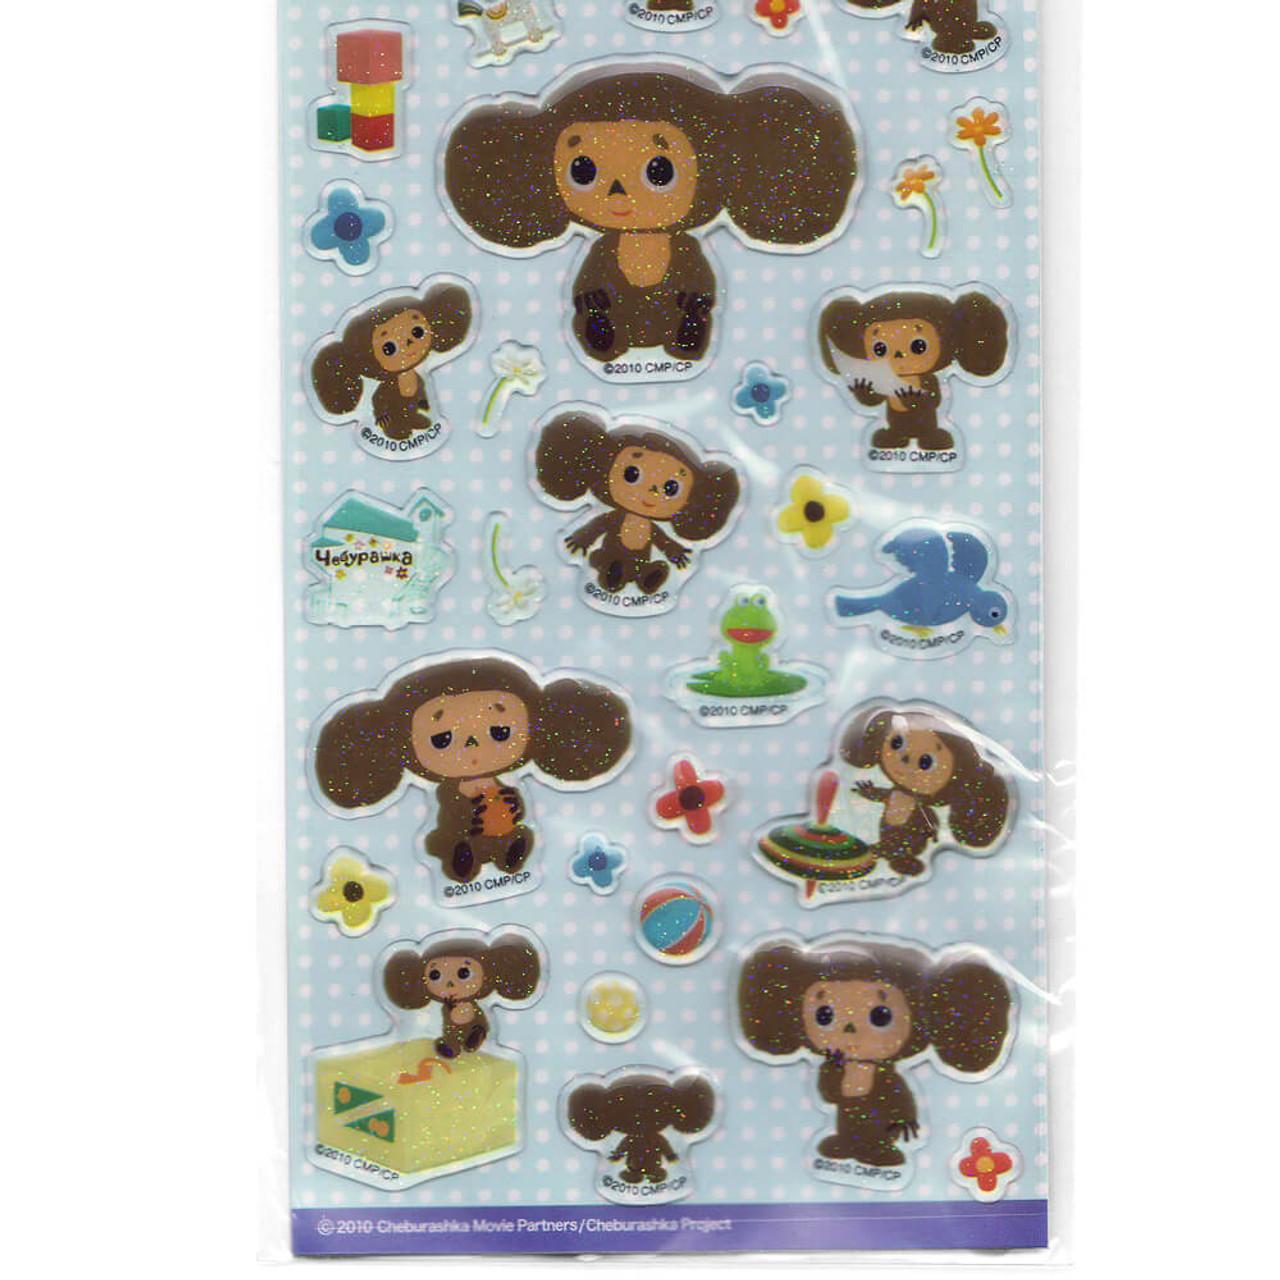 Cheburashka Yeoypawka 3D Puffy Sticker CHST04 - Daily ( Bottom Part View )